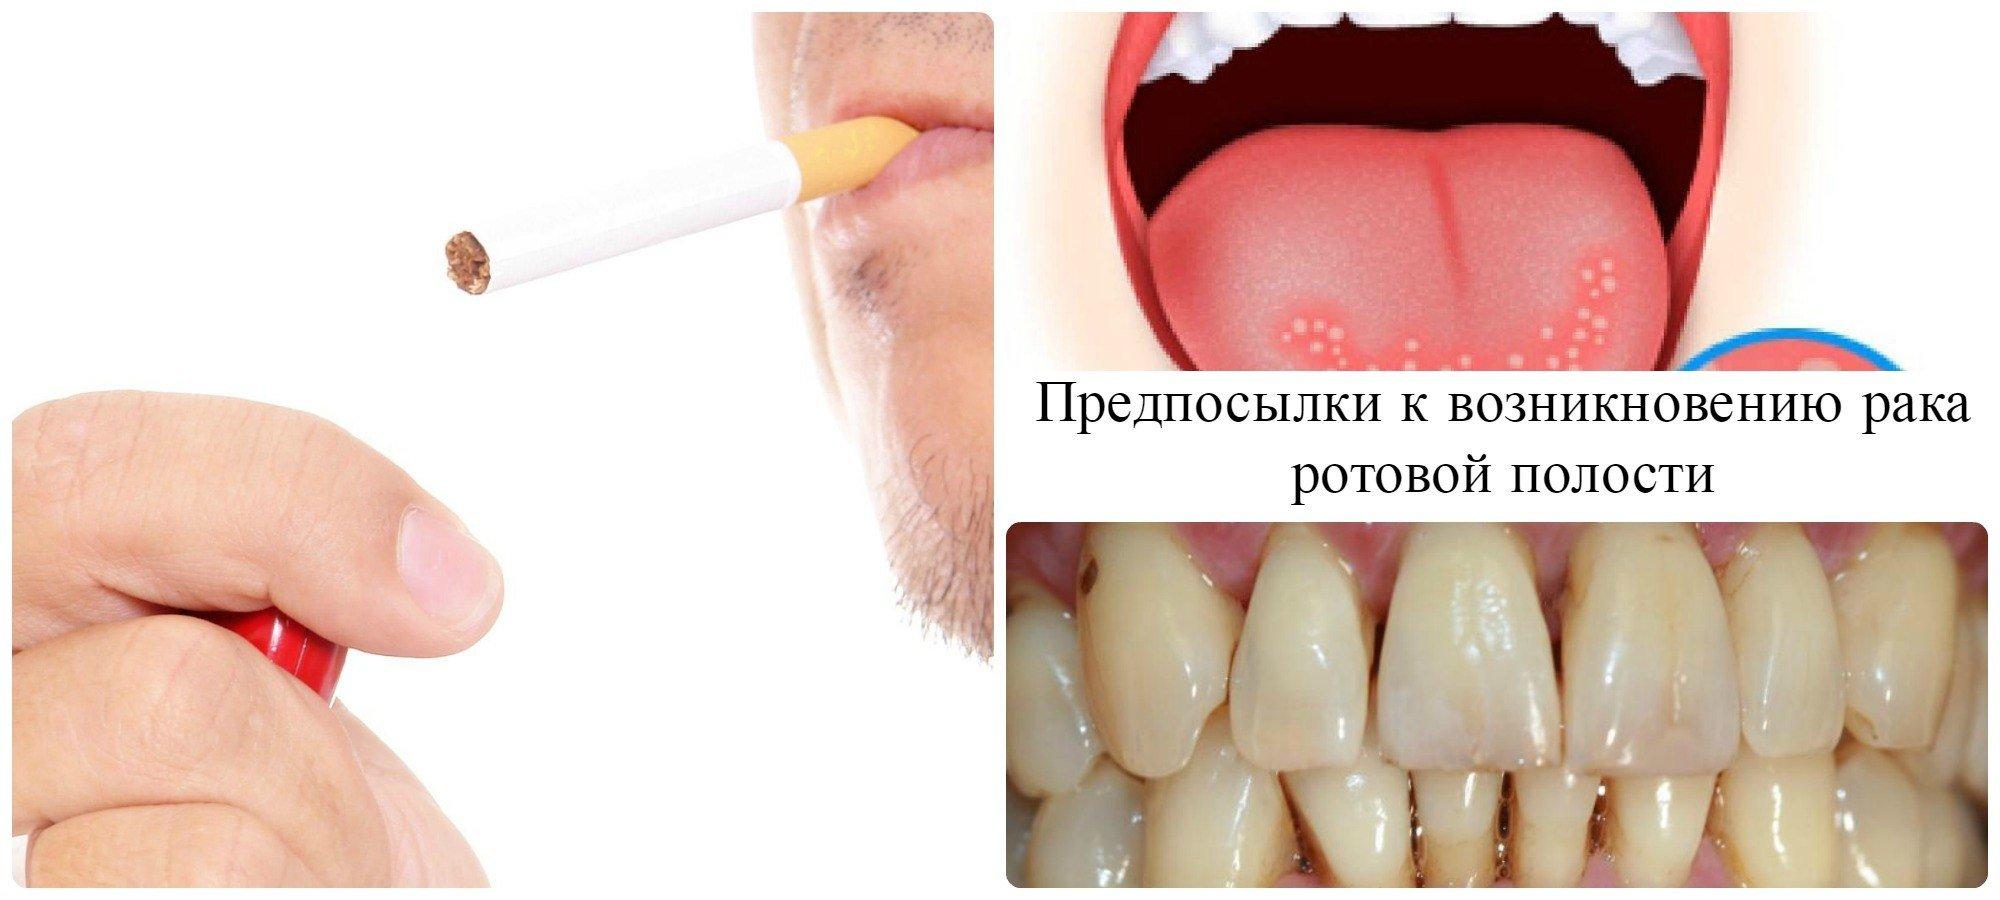 Возможные симптомы возникновения рака полости рта